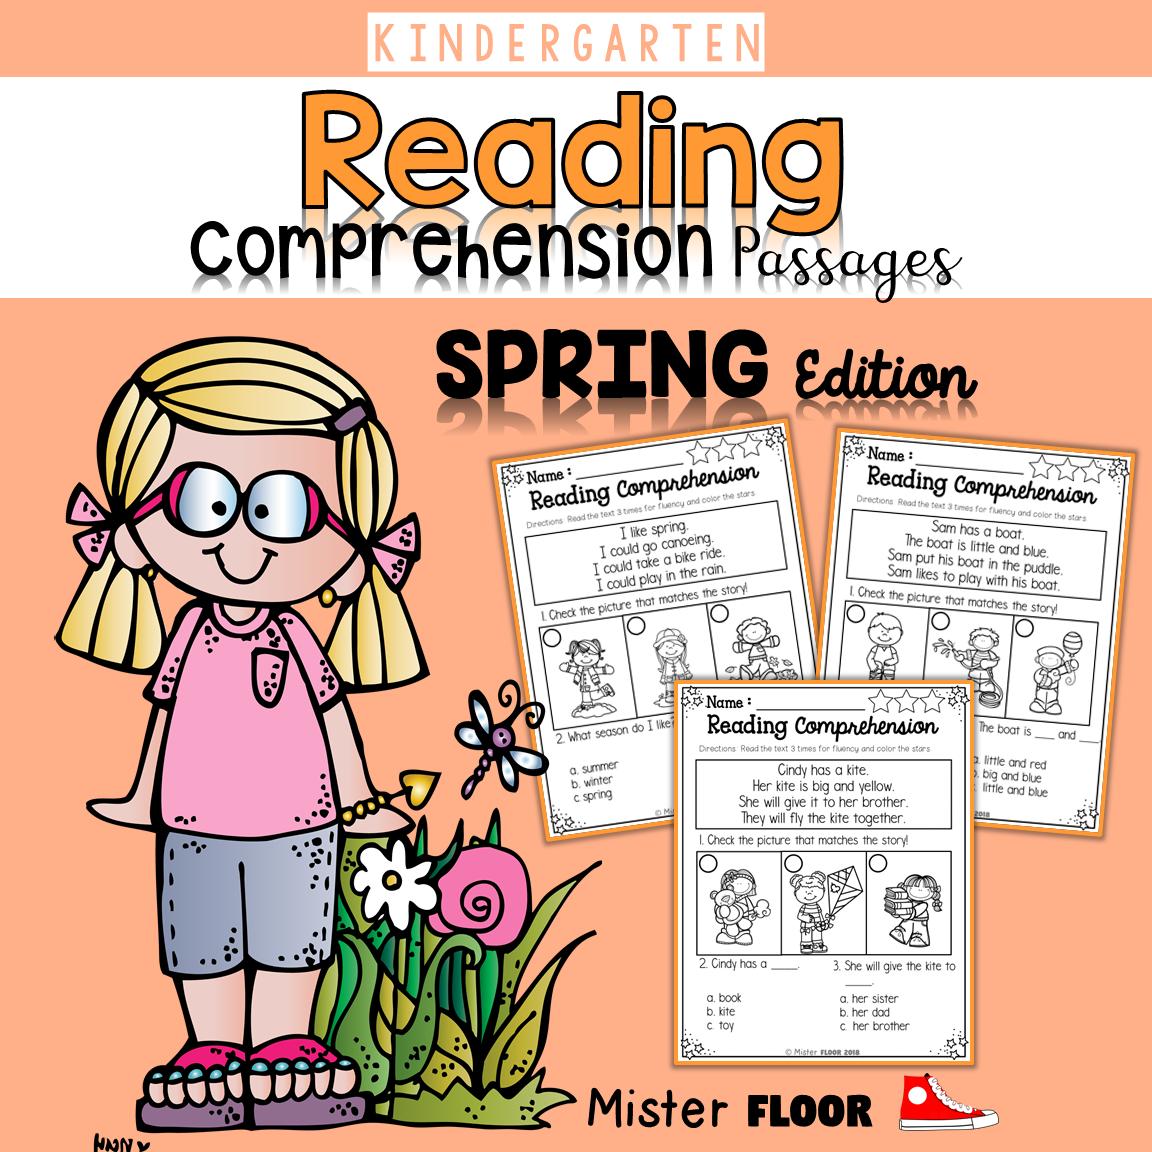 Kindergarten Reading Comprehension Spring